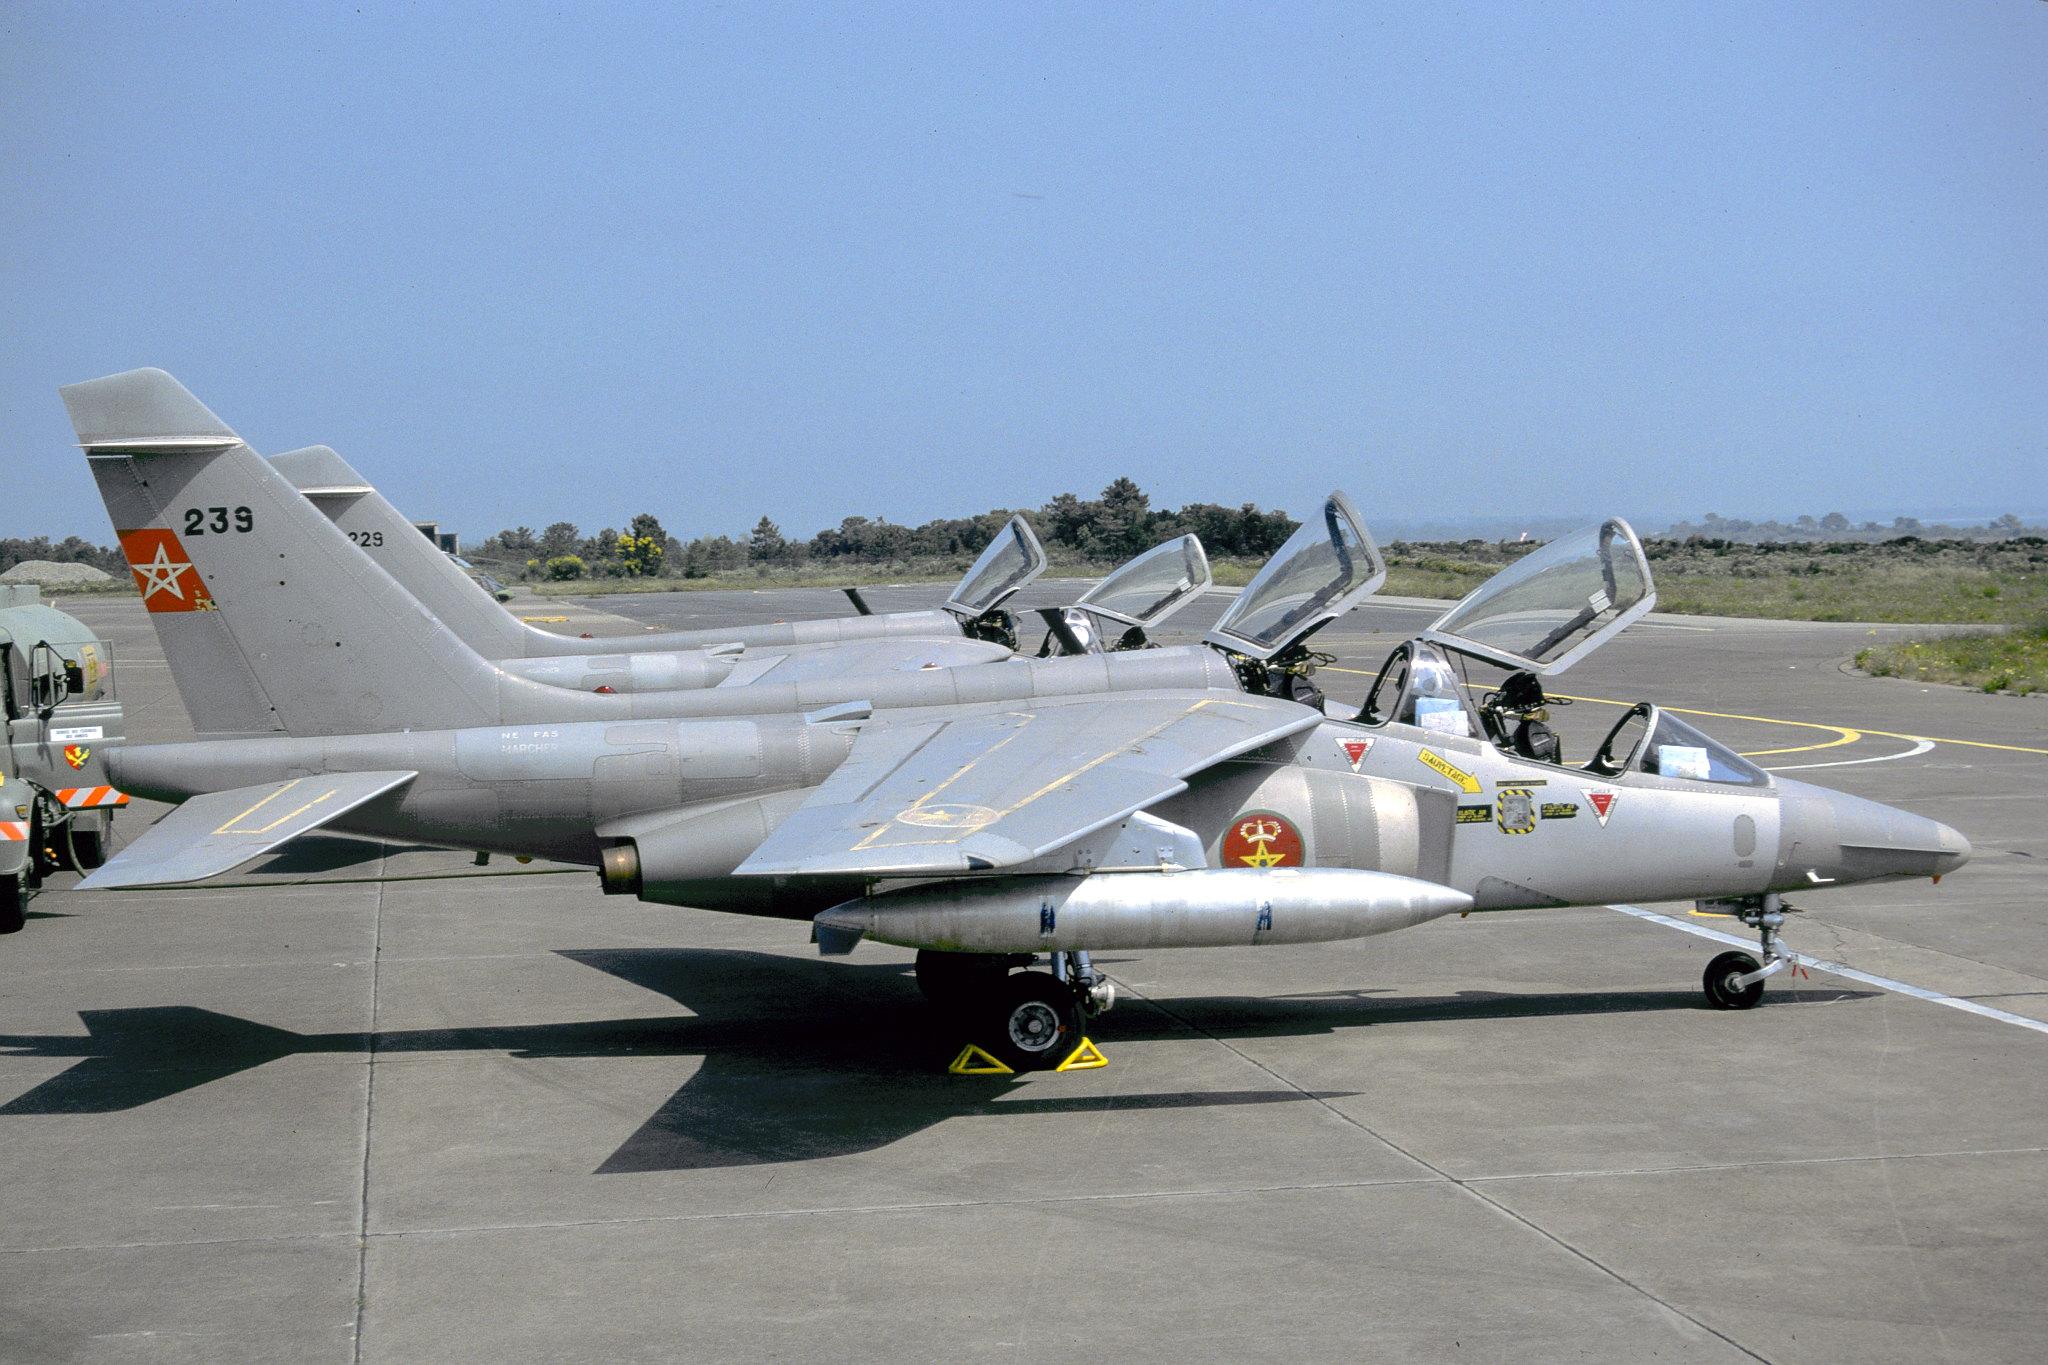 FRA: Photos avions d'entrainement et anti insurrection - Page 9 48921135678_8b4b0b8b9c_k